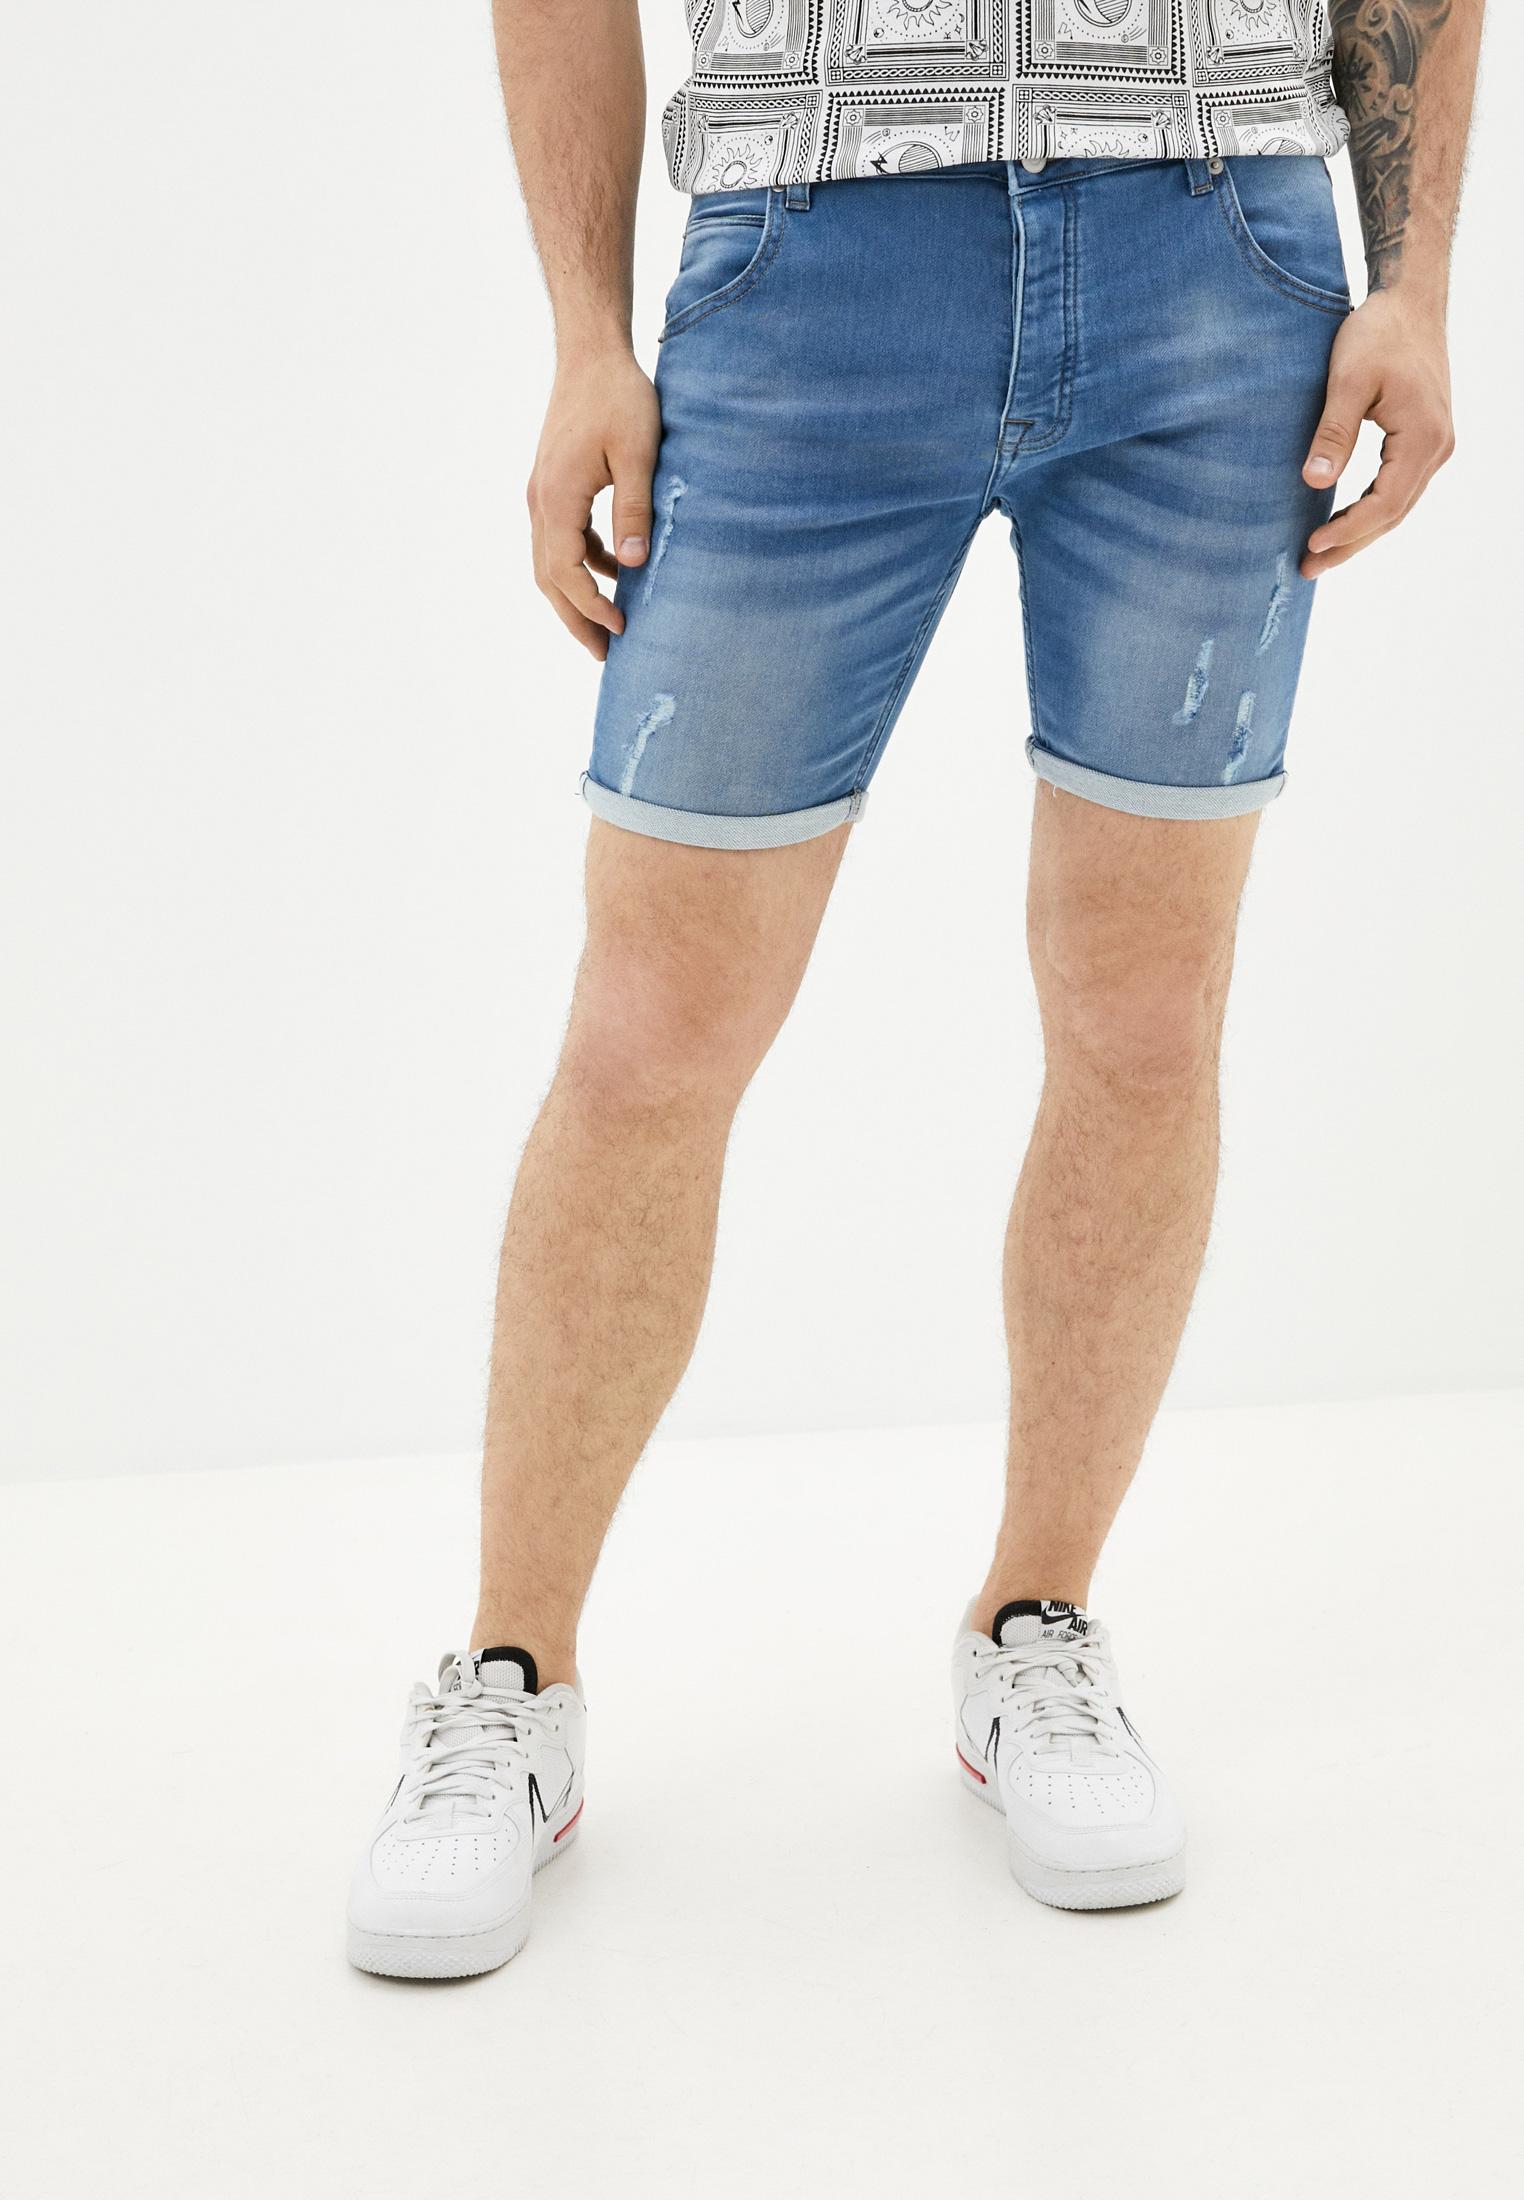 Мужские джинсовые шорты Brave Soul Шорты джинсовые Brave Soul